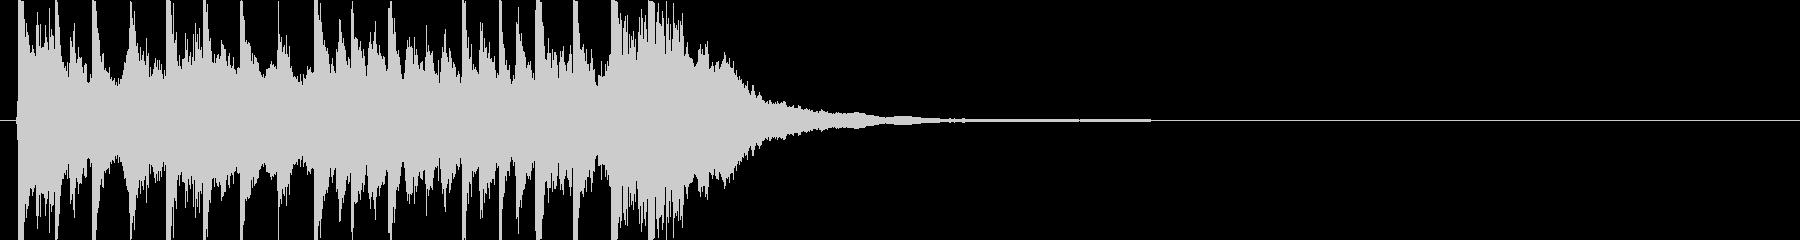 三味線主体の和風ジングル1 掛け声無の未再生の波形